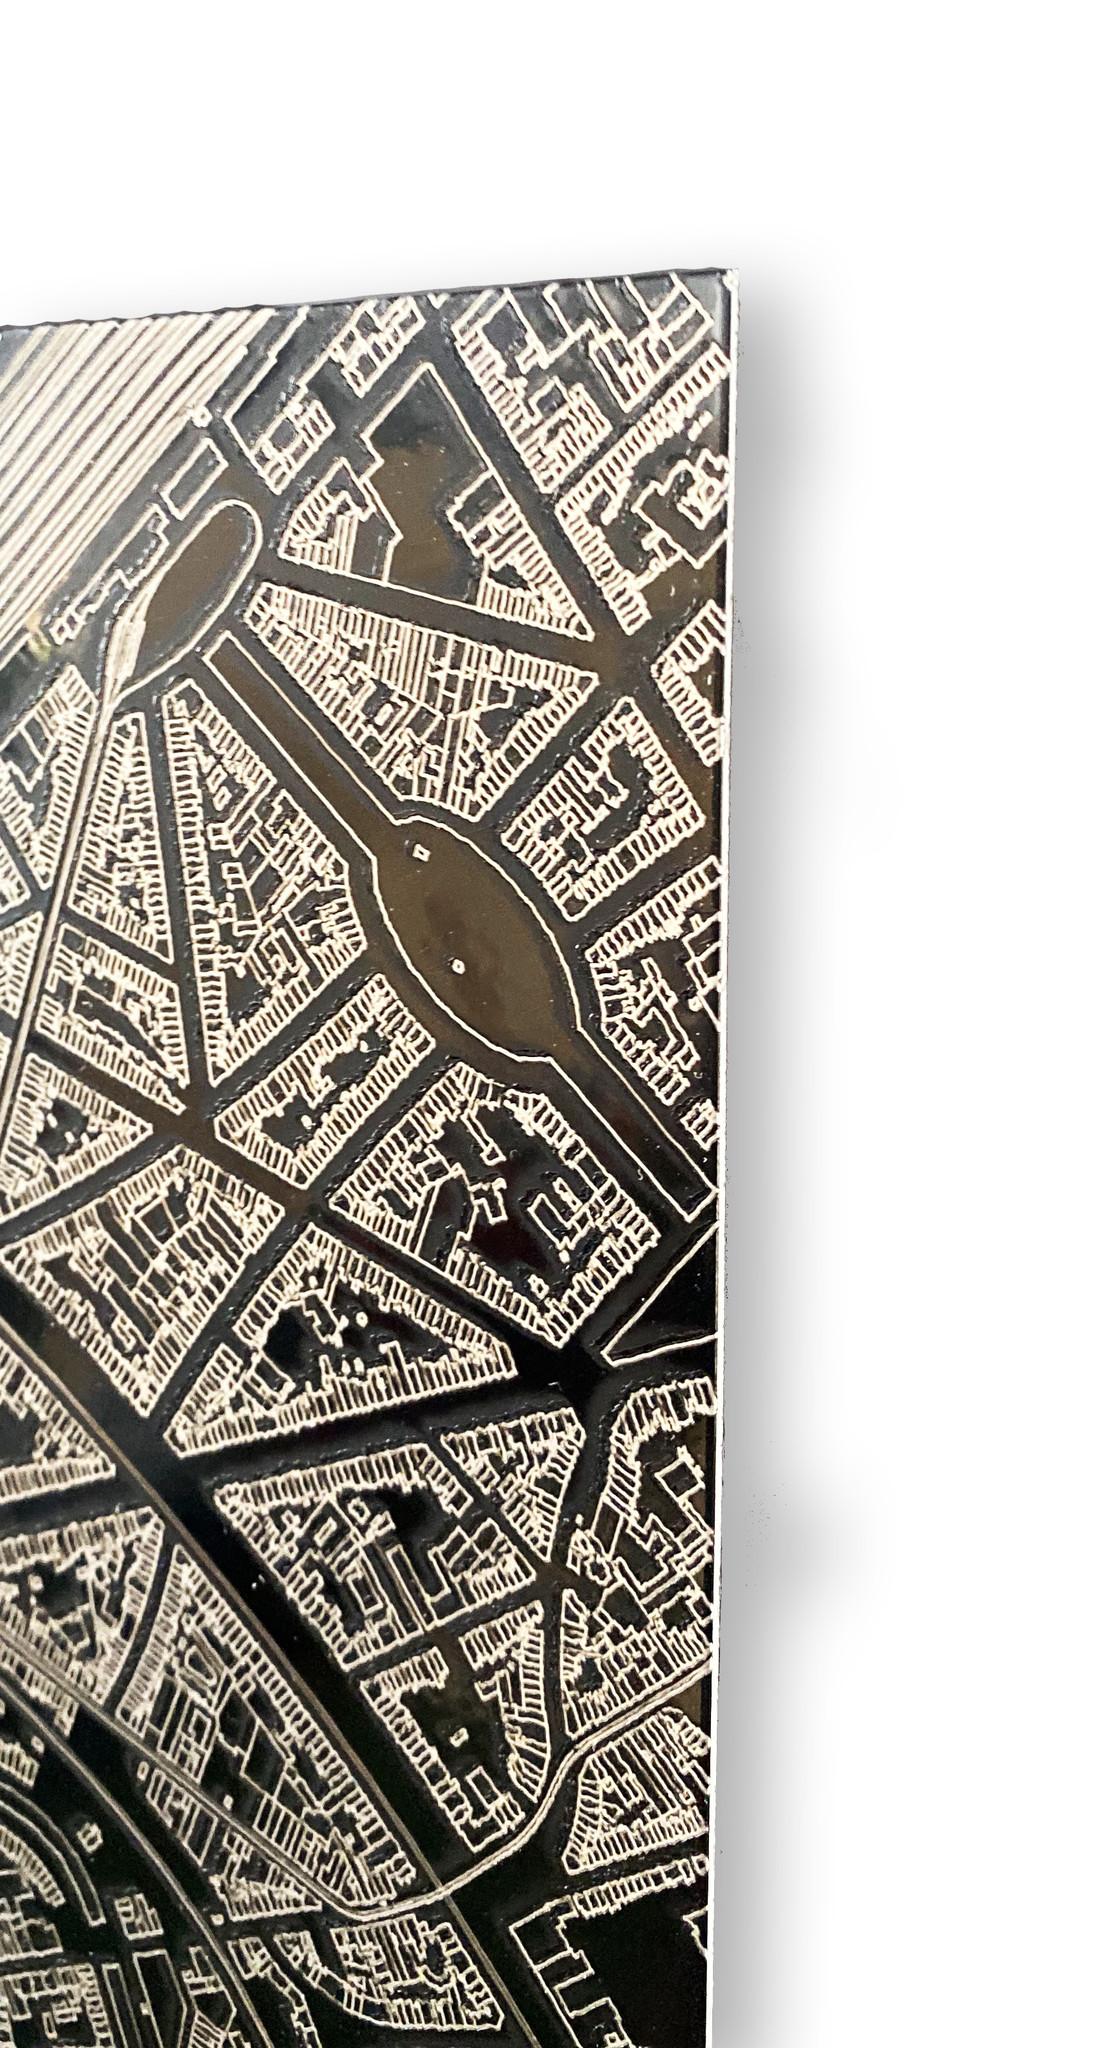 Stadtkarte Metal Delft-6